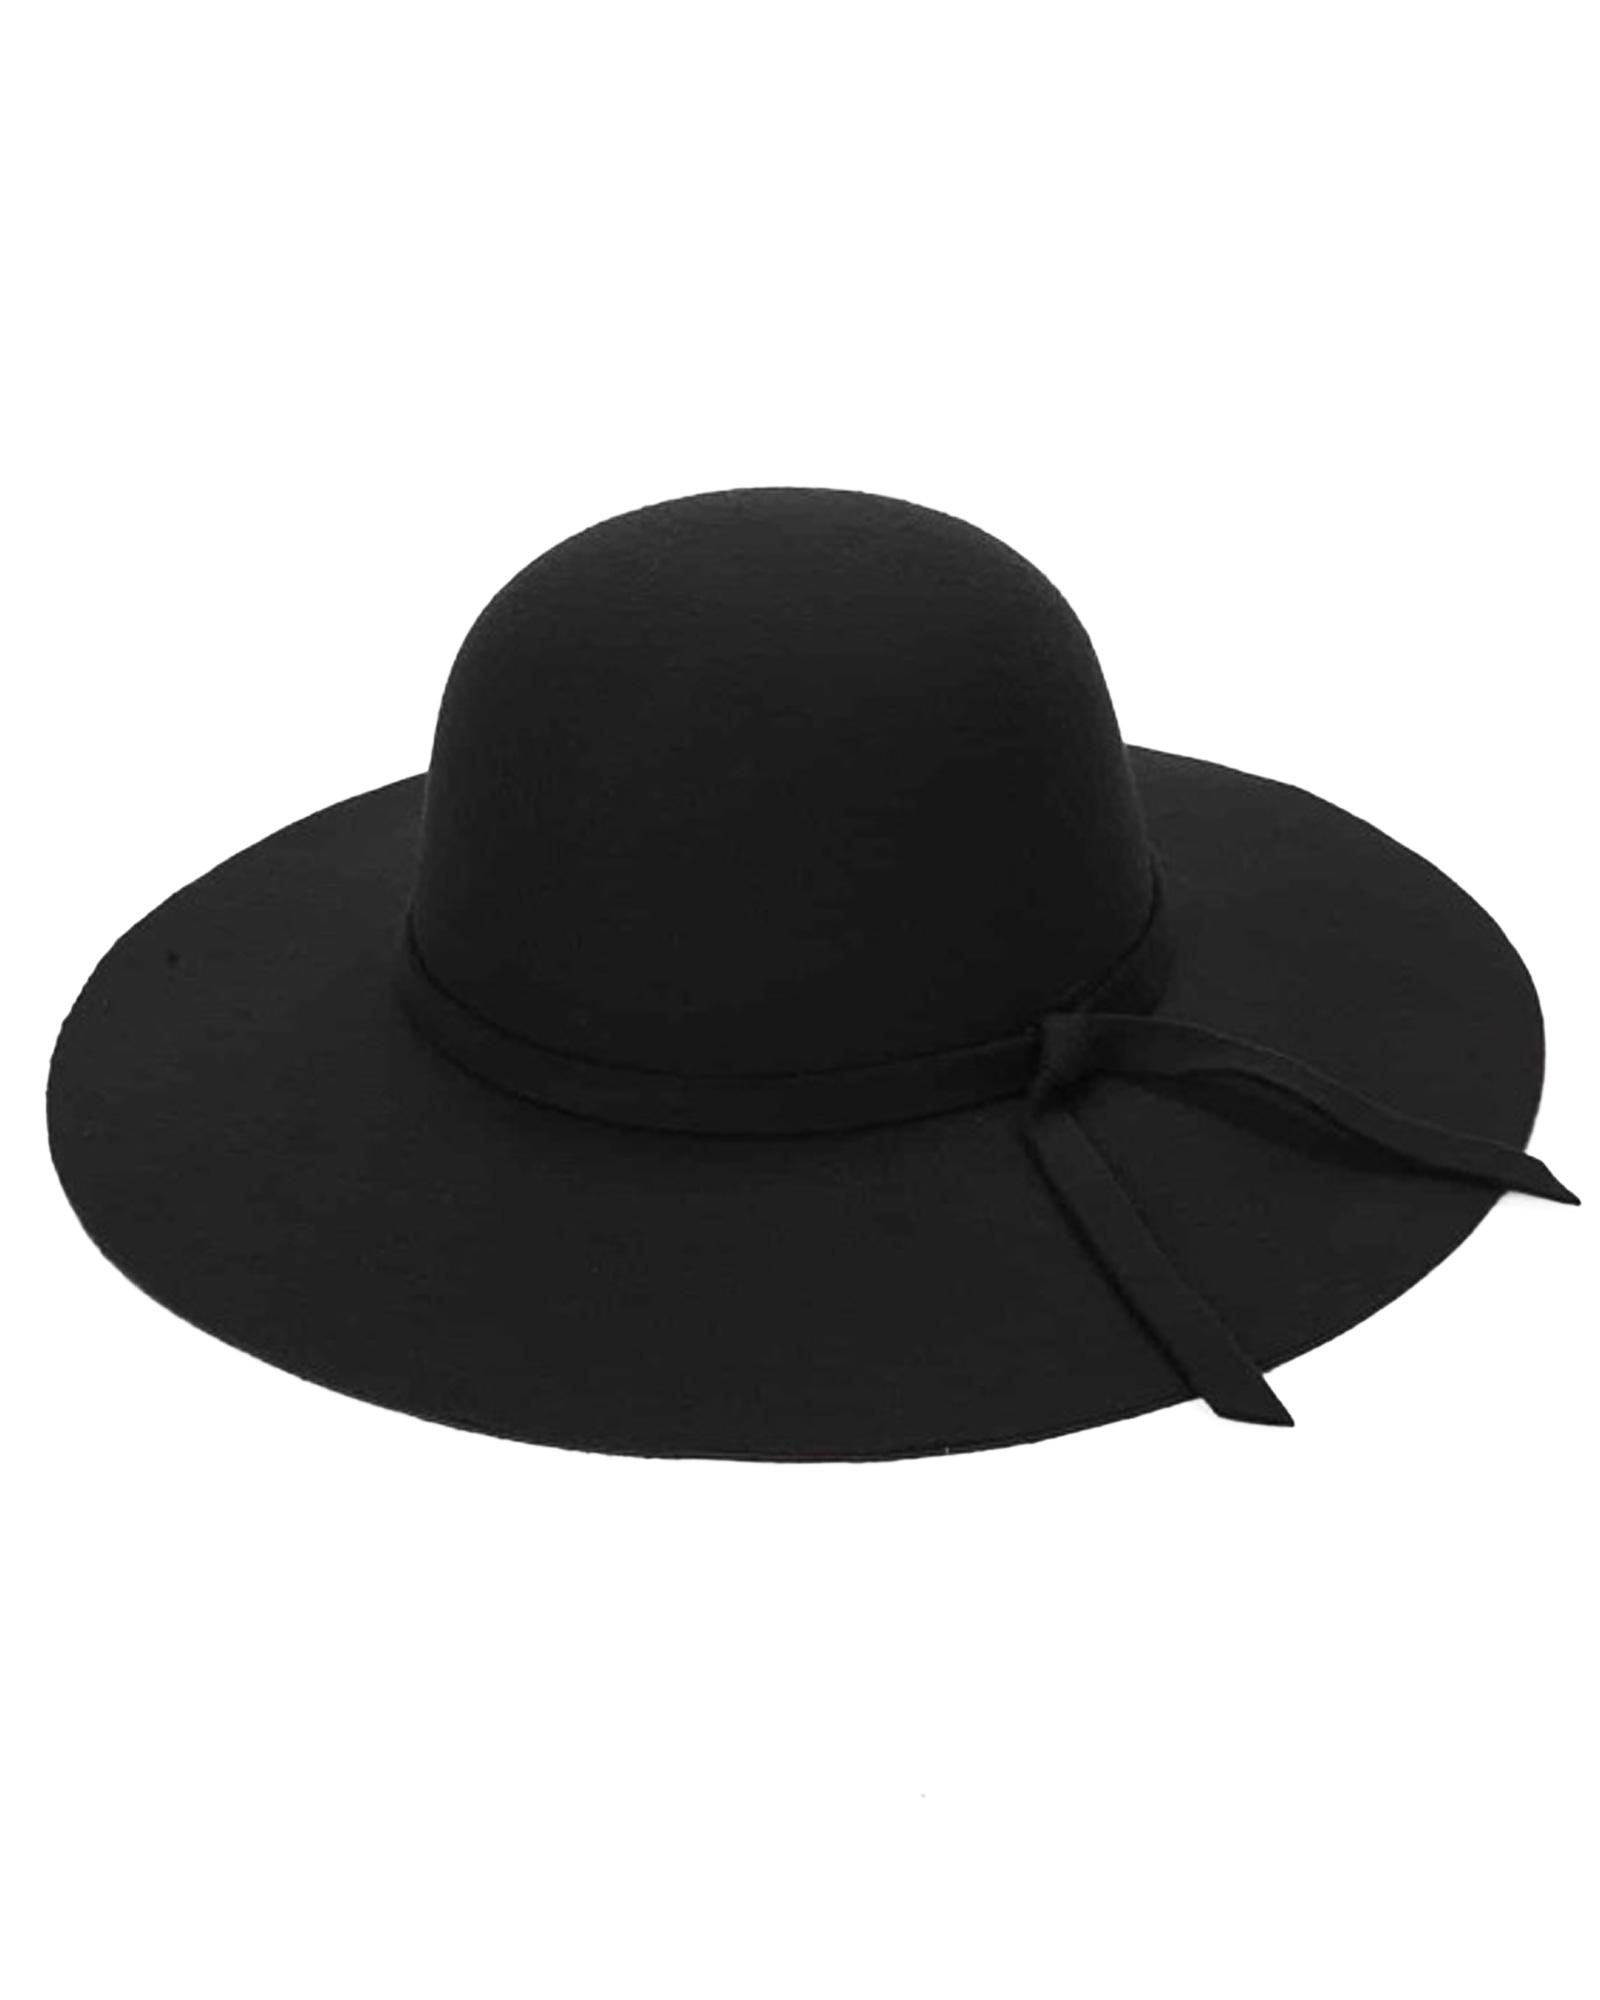 OOVY Kids Fedora Floppy Hat